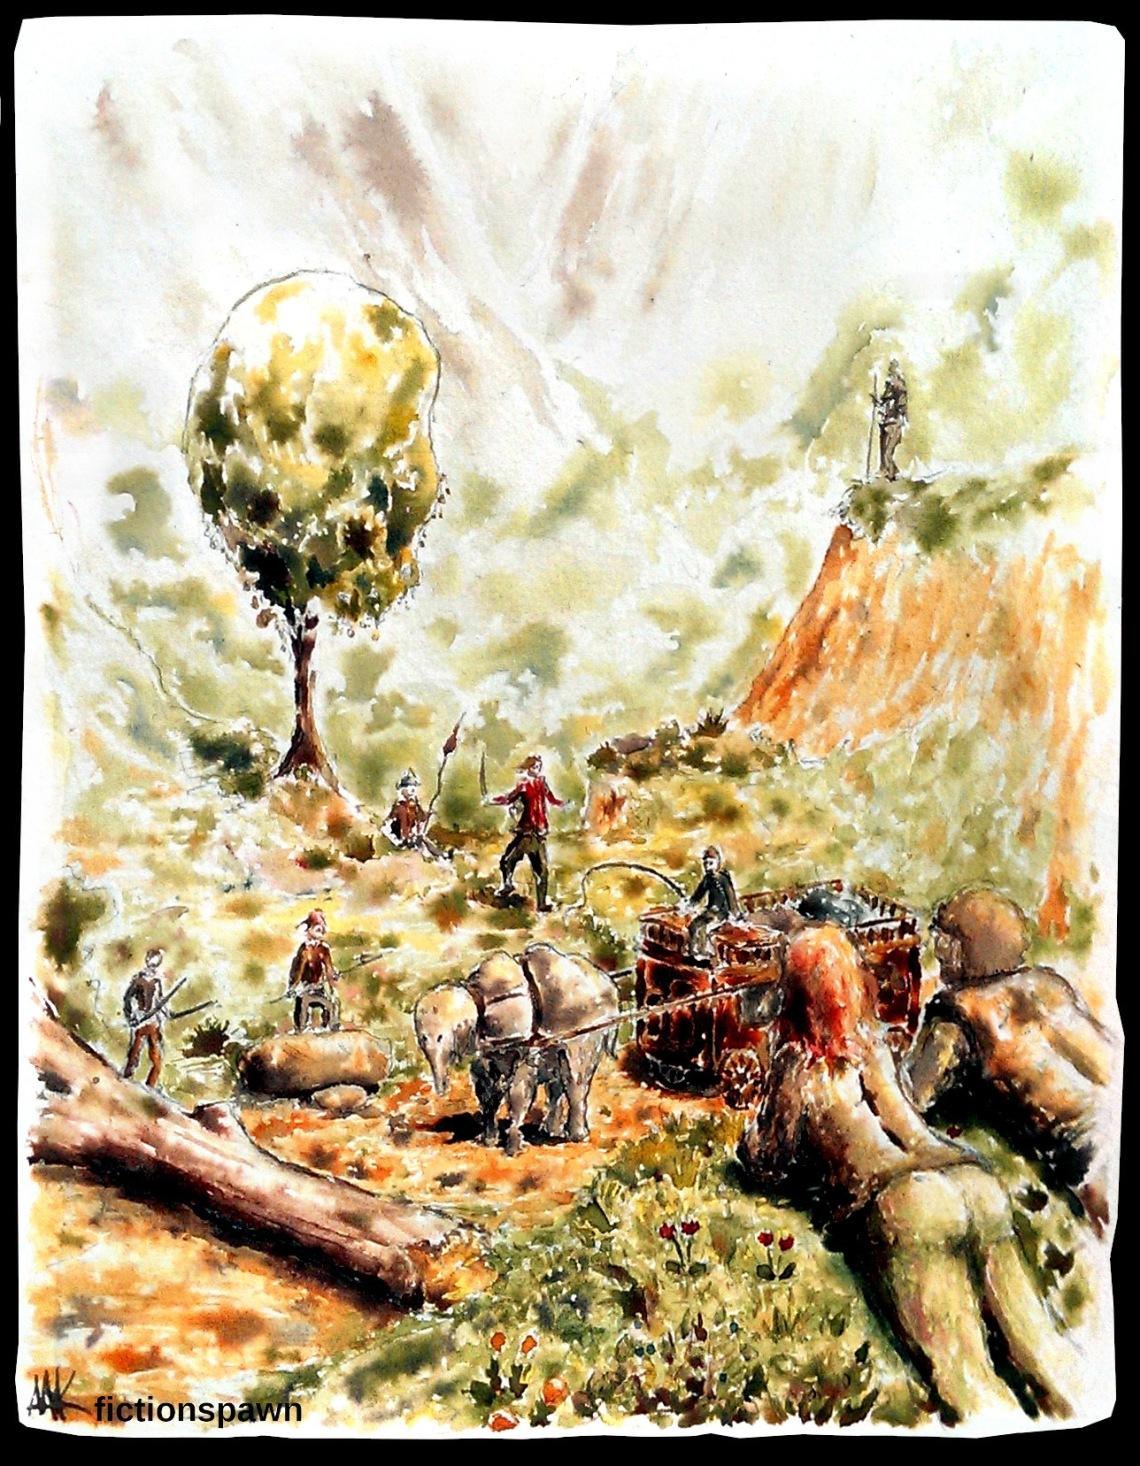 Bandits attacking a wagon Aak fictionspawn